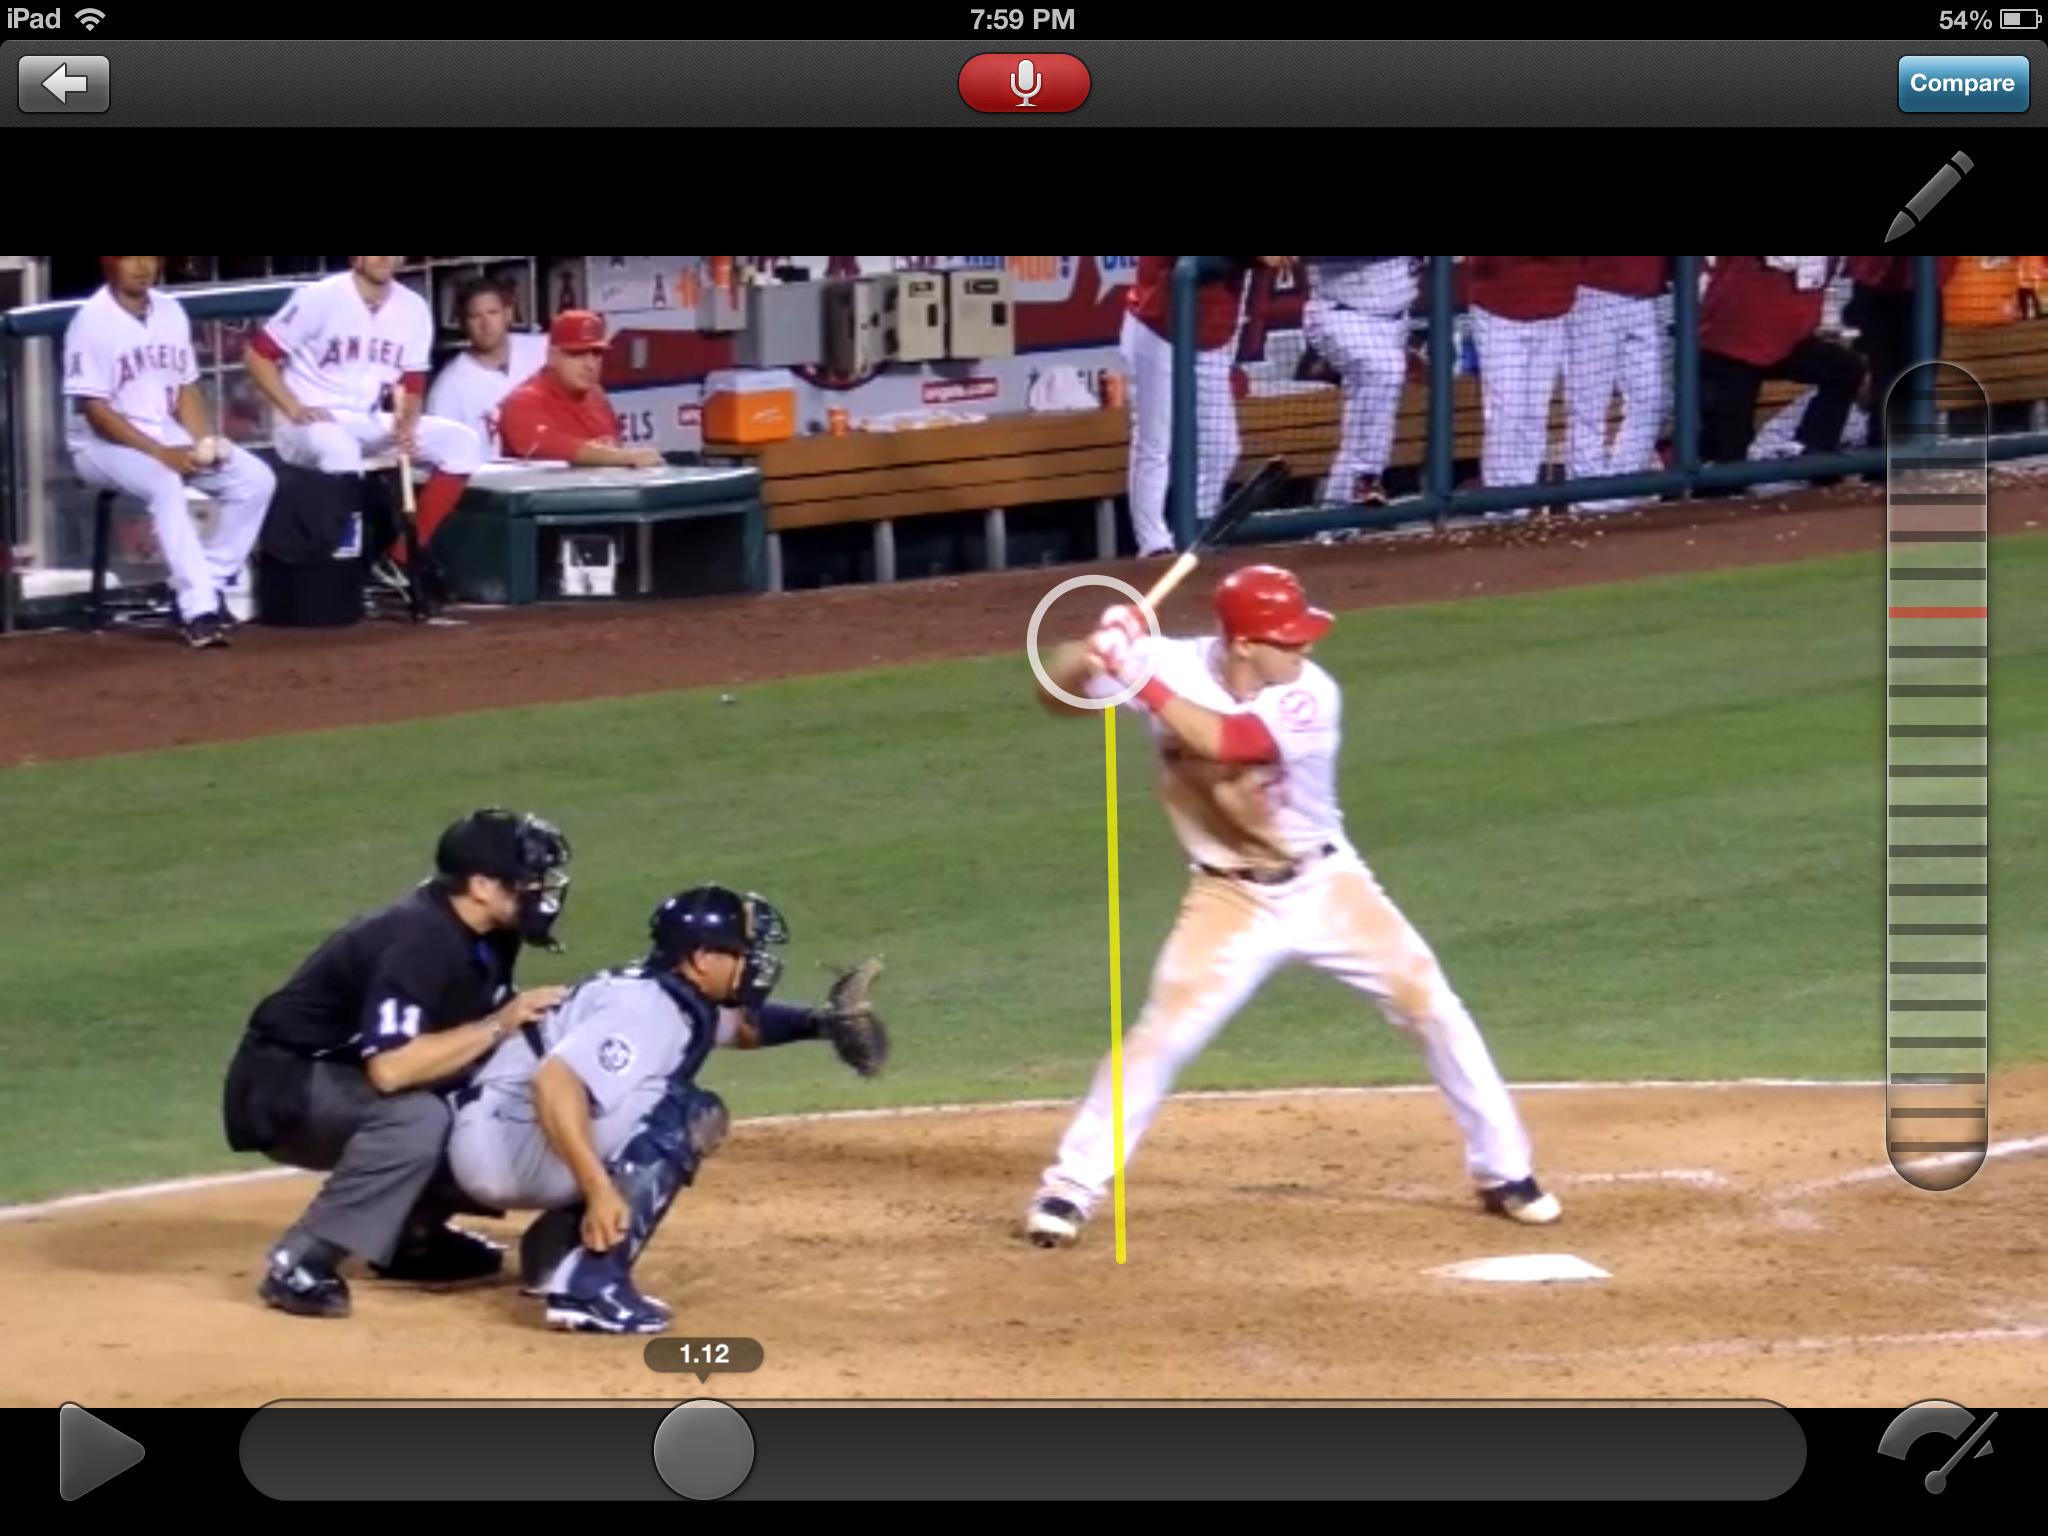 Ubersense Baseball Video Analysis And Sports Coaching